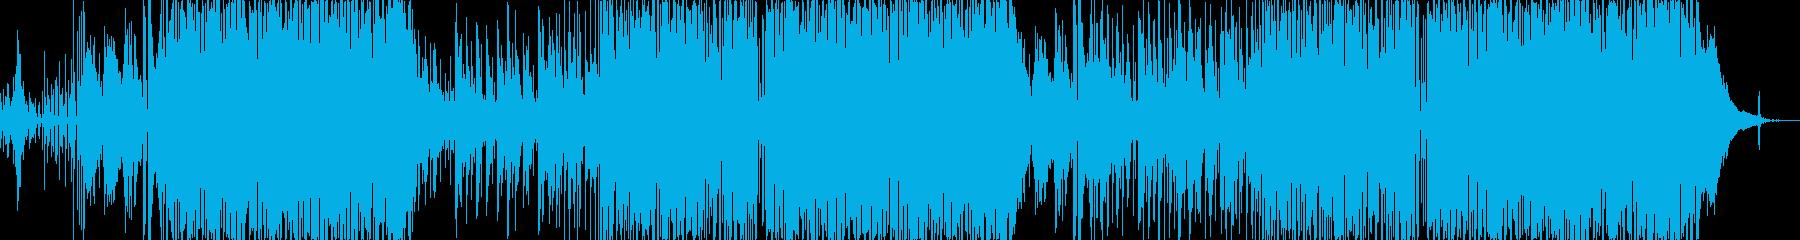 すがすがしいアコースティックなボサノバの再生済みの波形